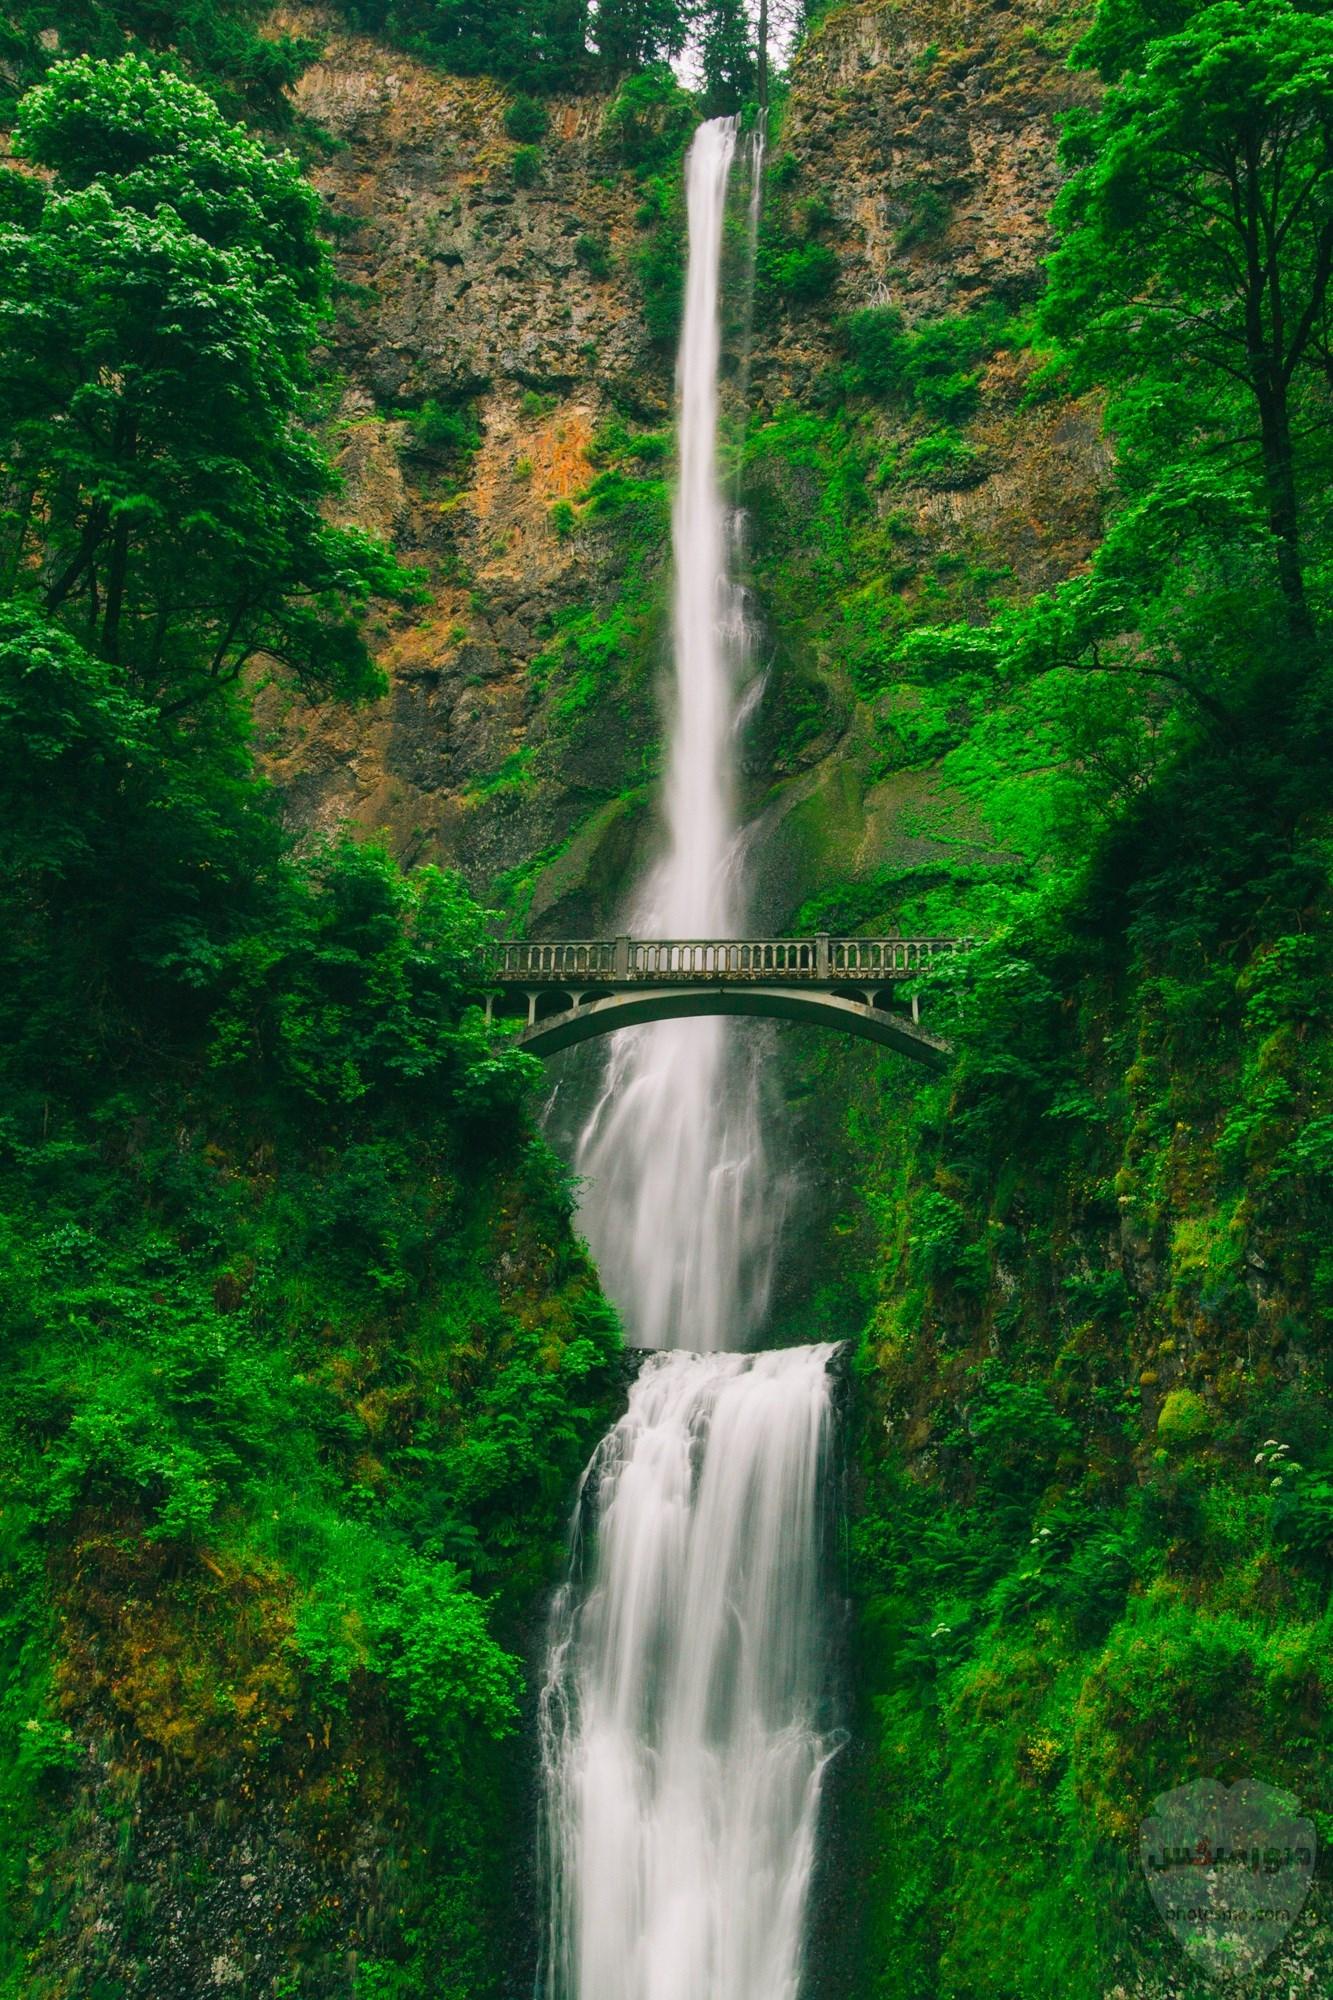 صور طبيعية خلابة أجمل صور للطبيعة صور من الطبيعة الحية 2